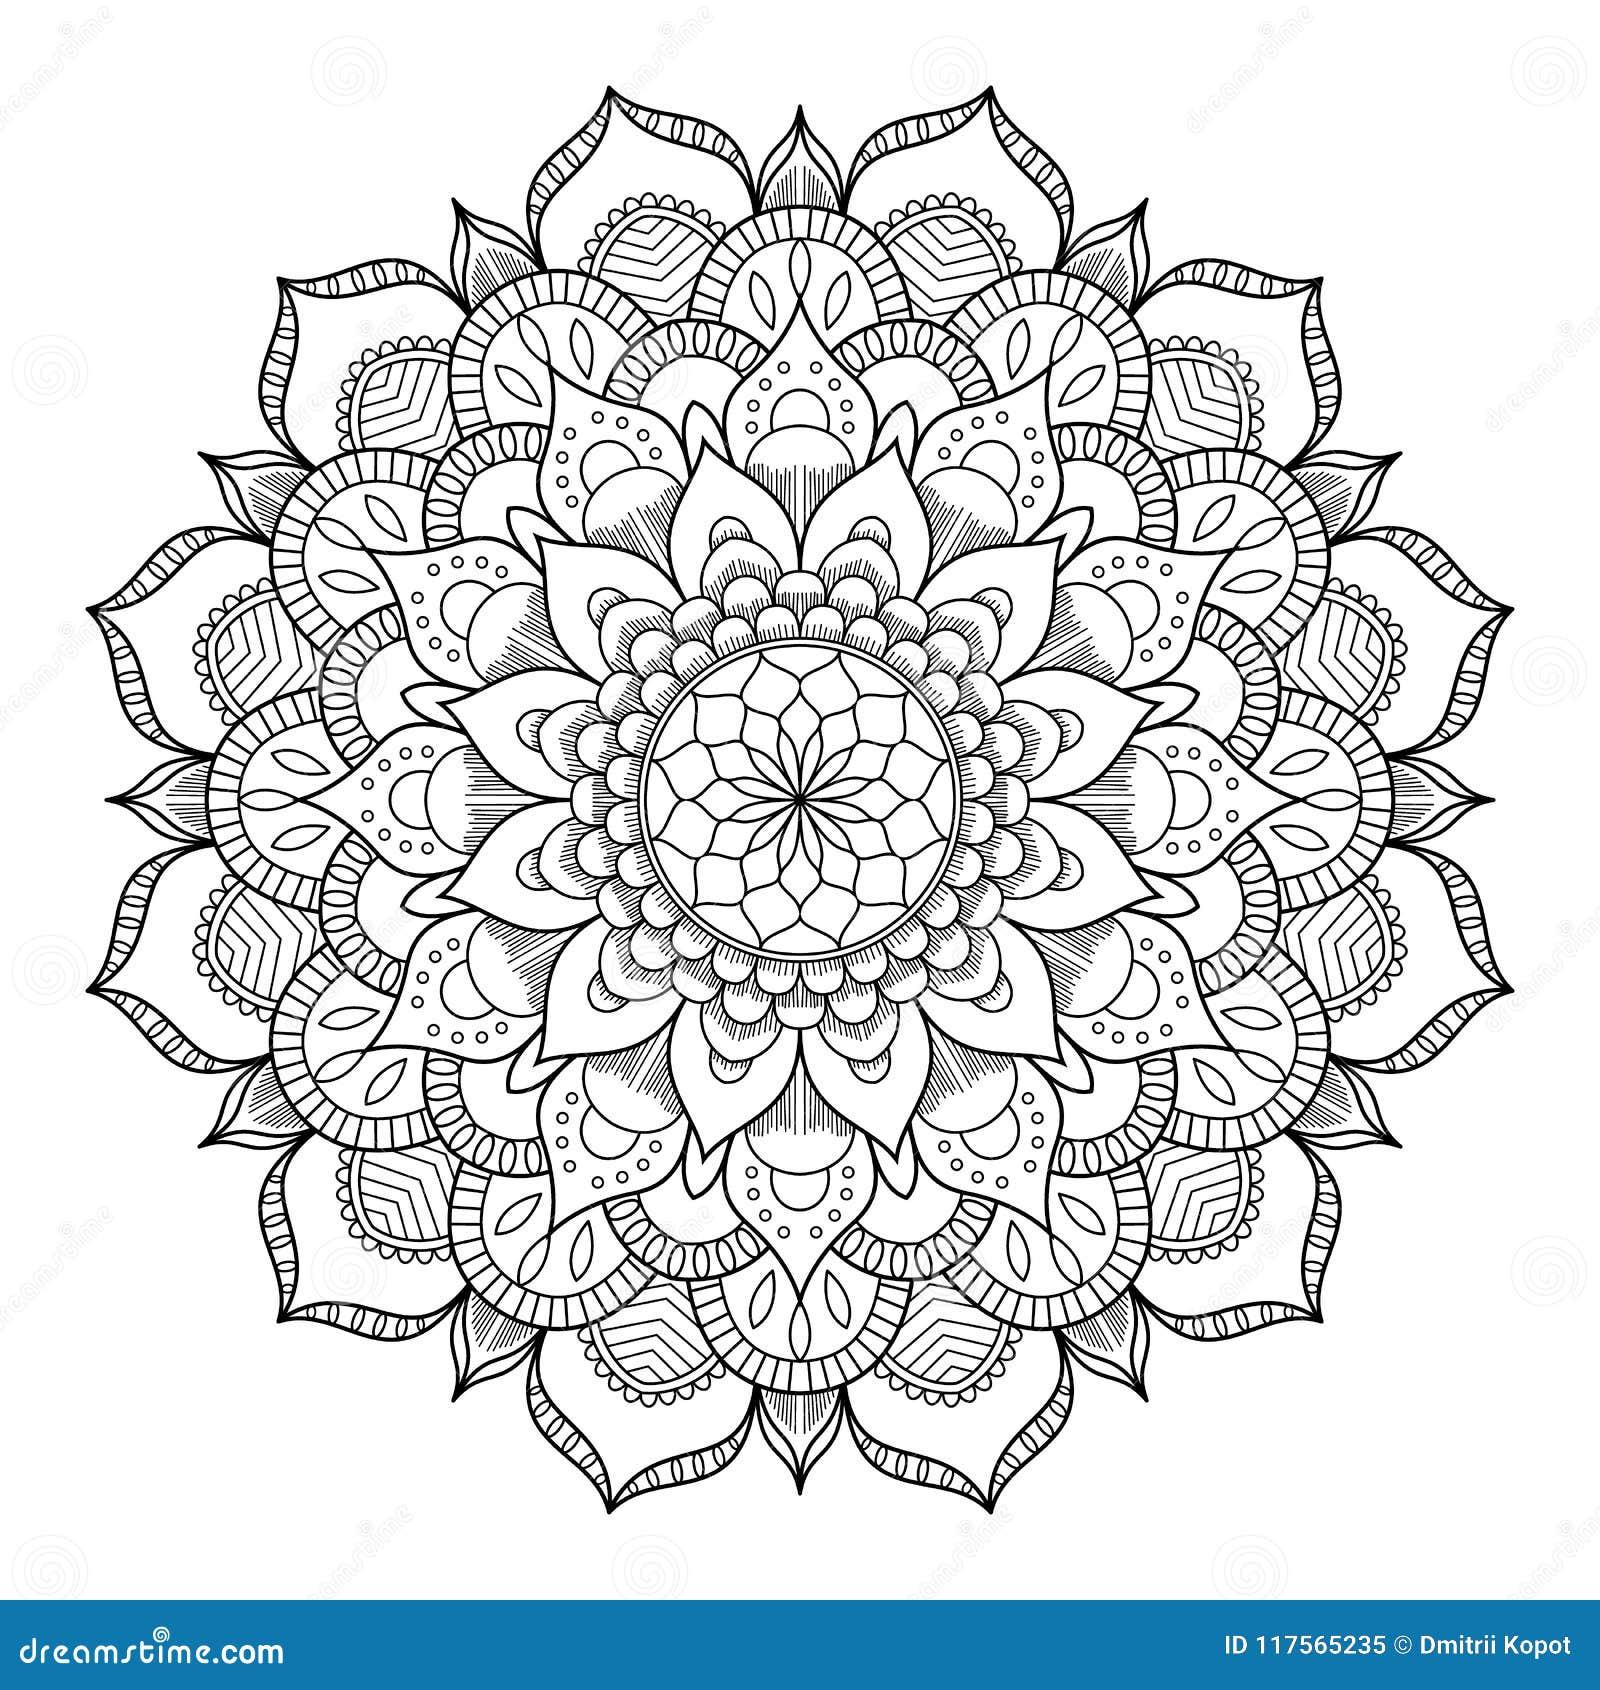 Κυκλικό σχέδιο με μορφή mandala για Henna, Mehndi, δερματοστιξία, διακόσμηση Διακοσμητική διακόσμηση στο εθνικό ασιατικό ύφος